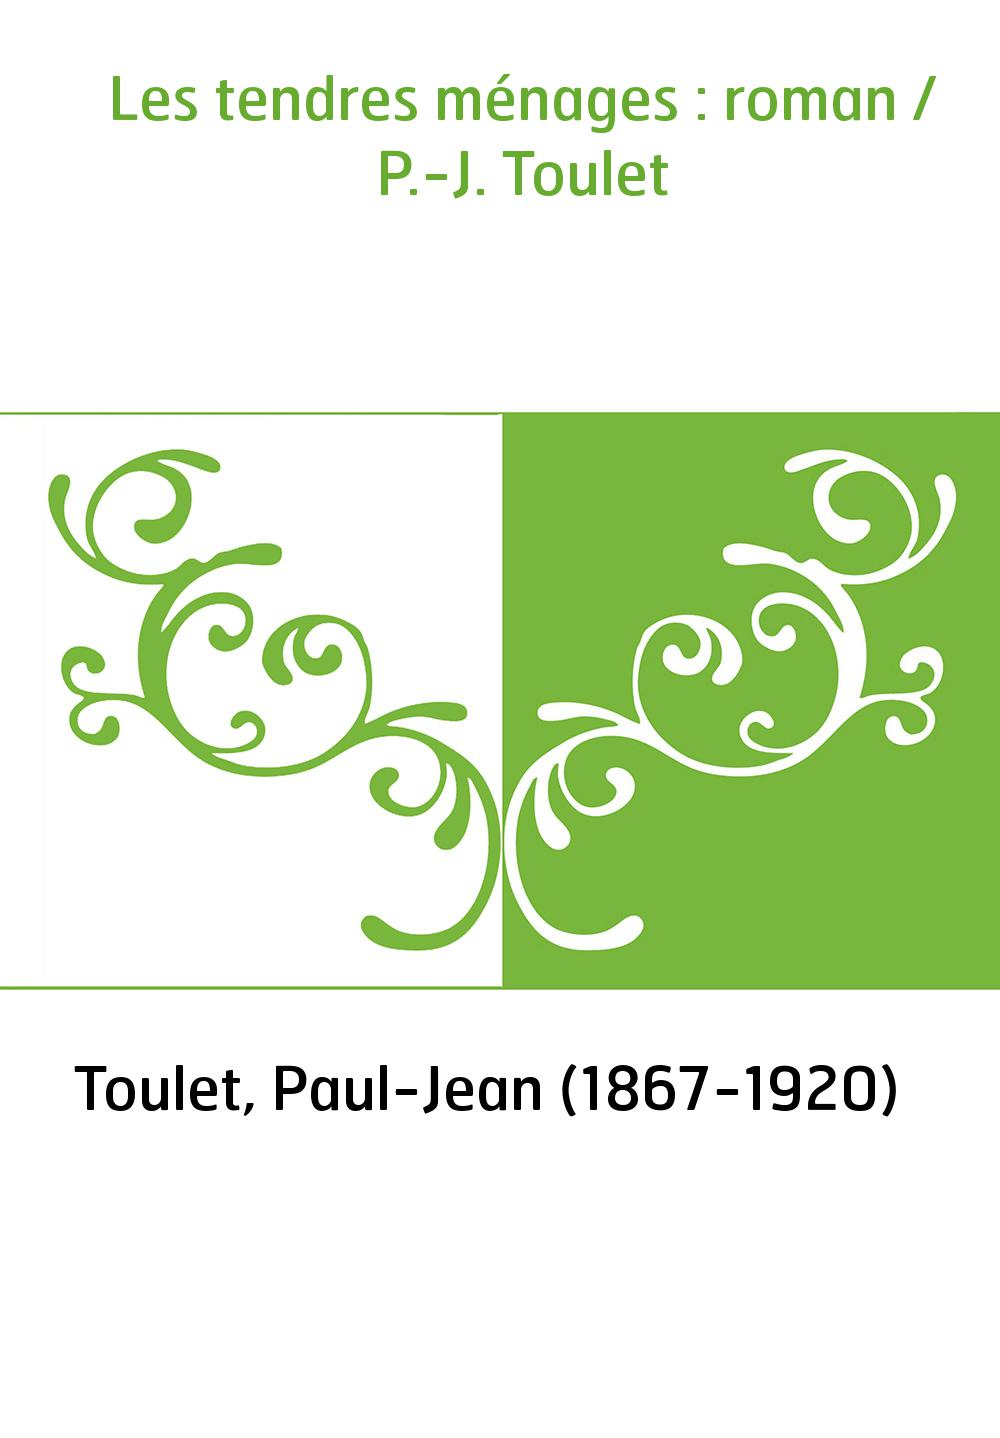 Les tendres ménages : roman / P.-J. Toulet